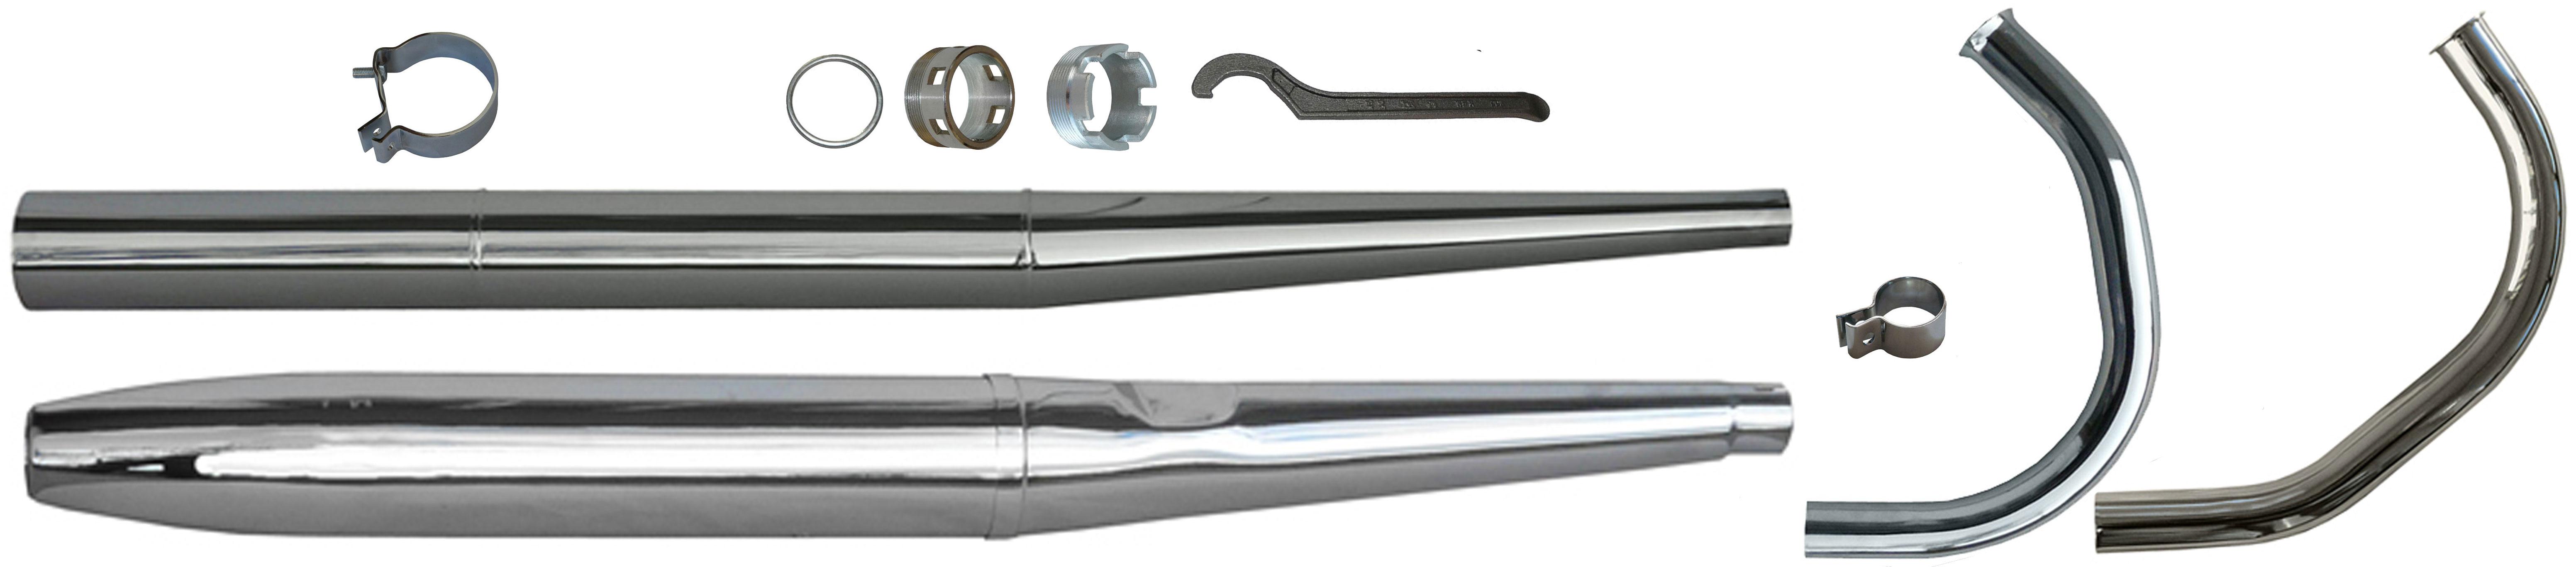 MZ ES 125 150 Ersatzteile Auspuff